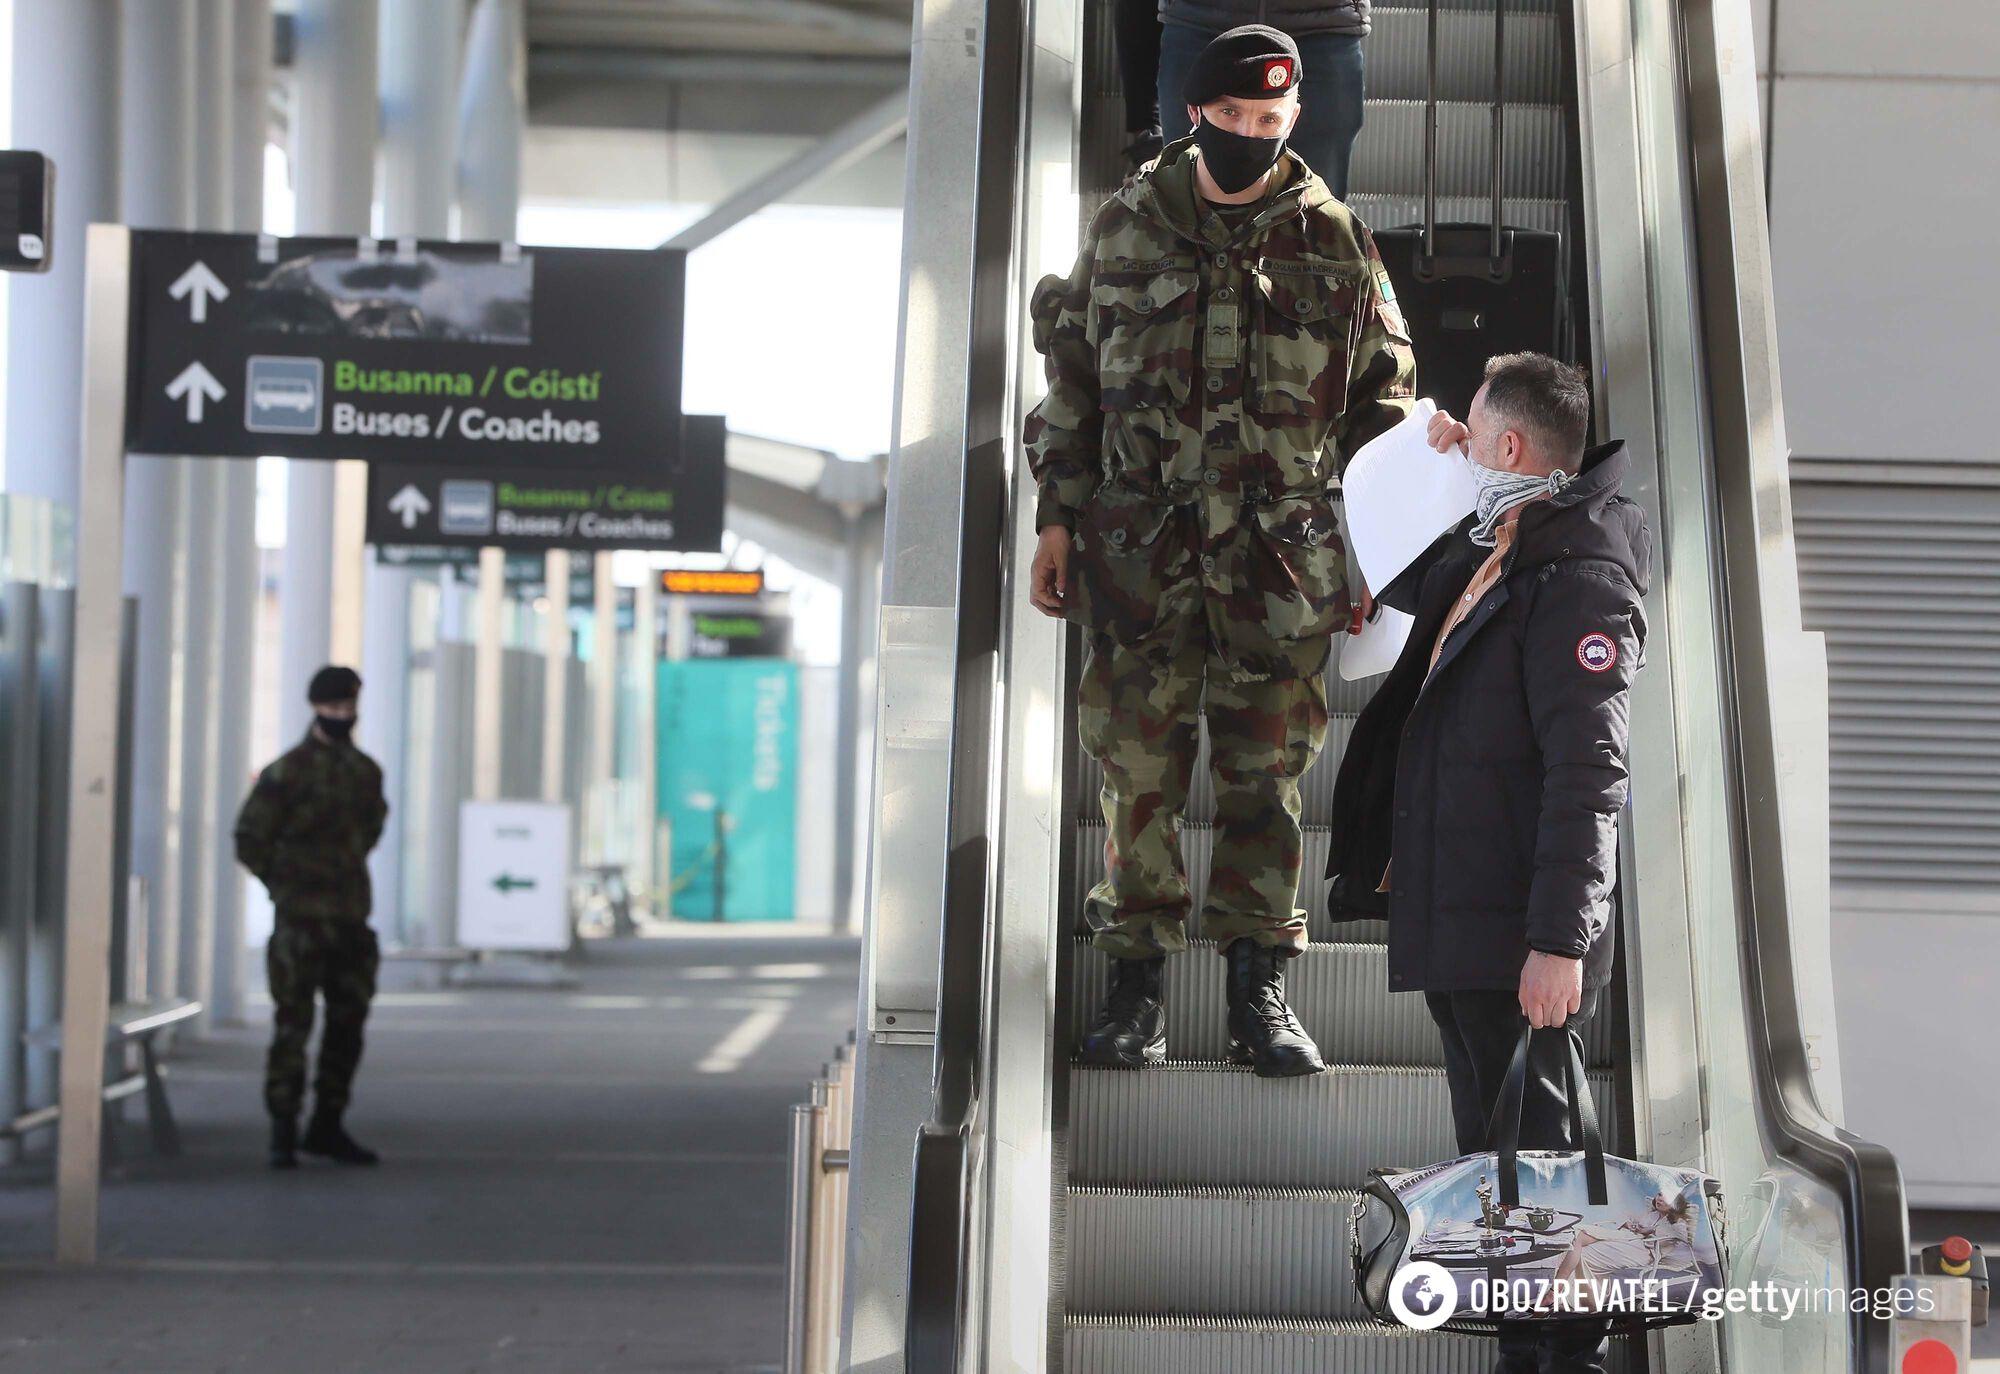 По прибытии в аэропорт Дублина пассажира сопровождают в автобус, а те, кто прилетел с одной из 33 стран высокого риска, должны пройти обязательный 12-дневный гостиничный карантин